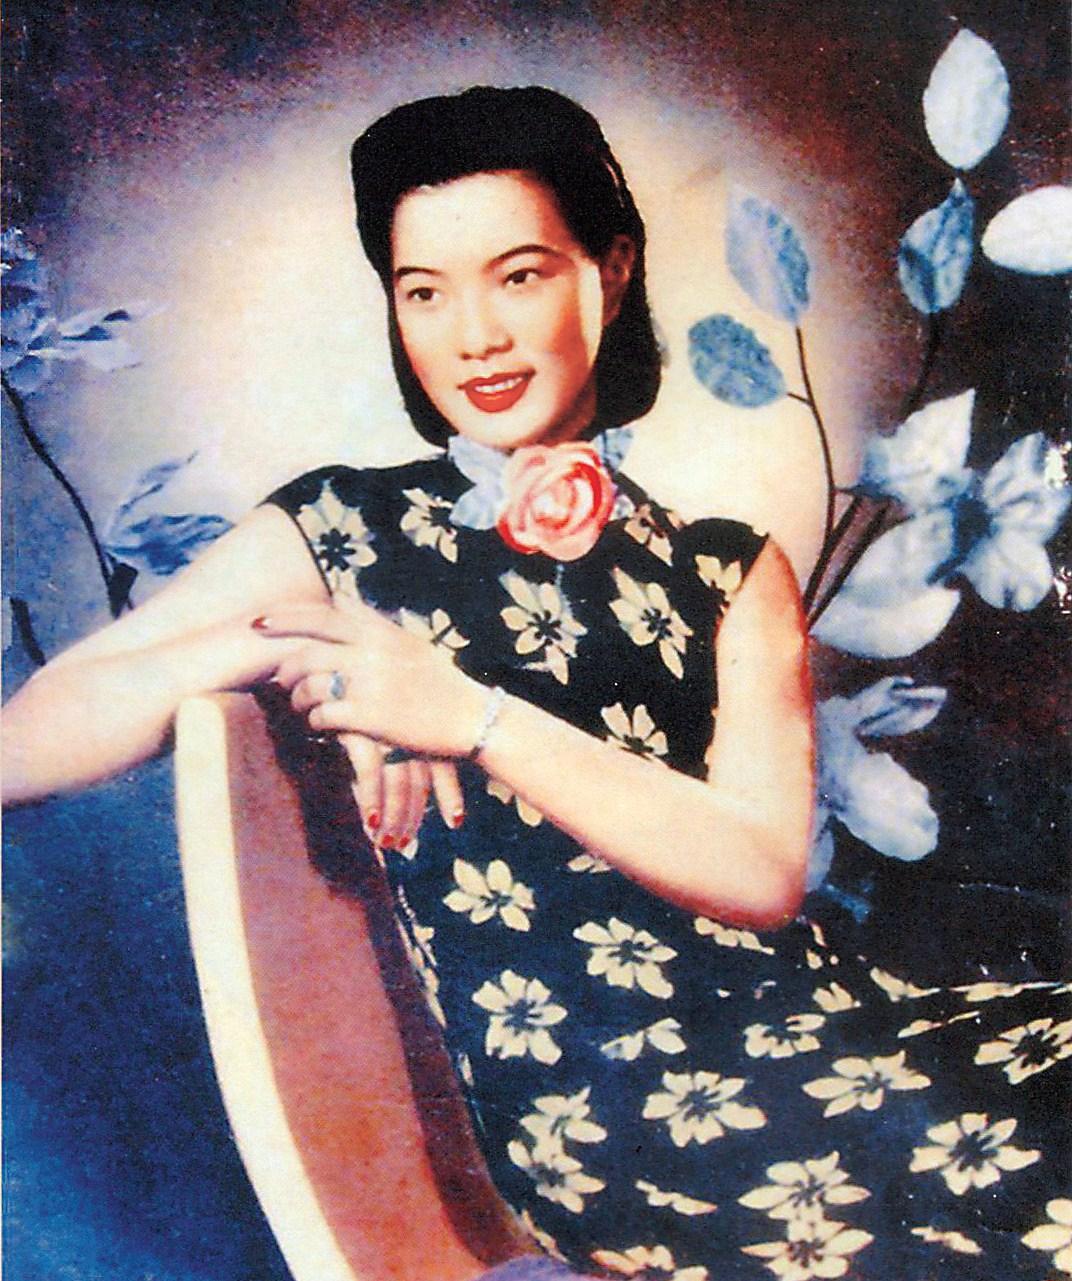 Chen Manli, a popular dance hostess